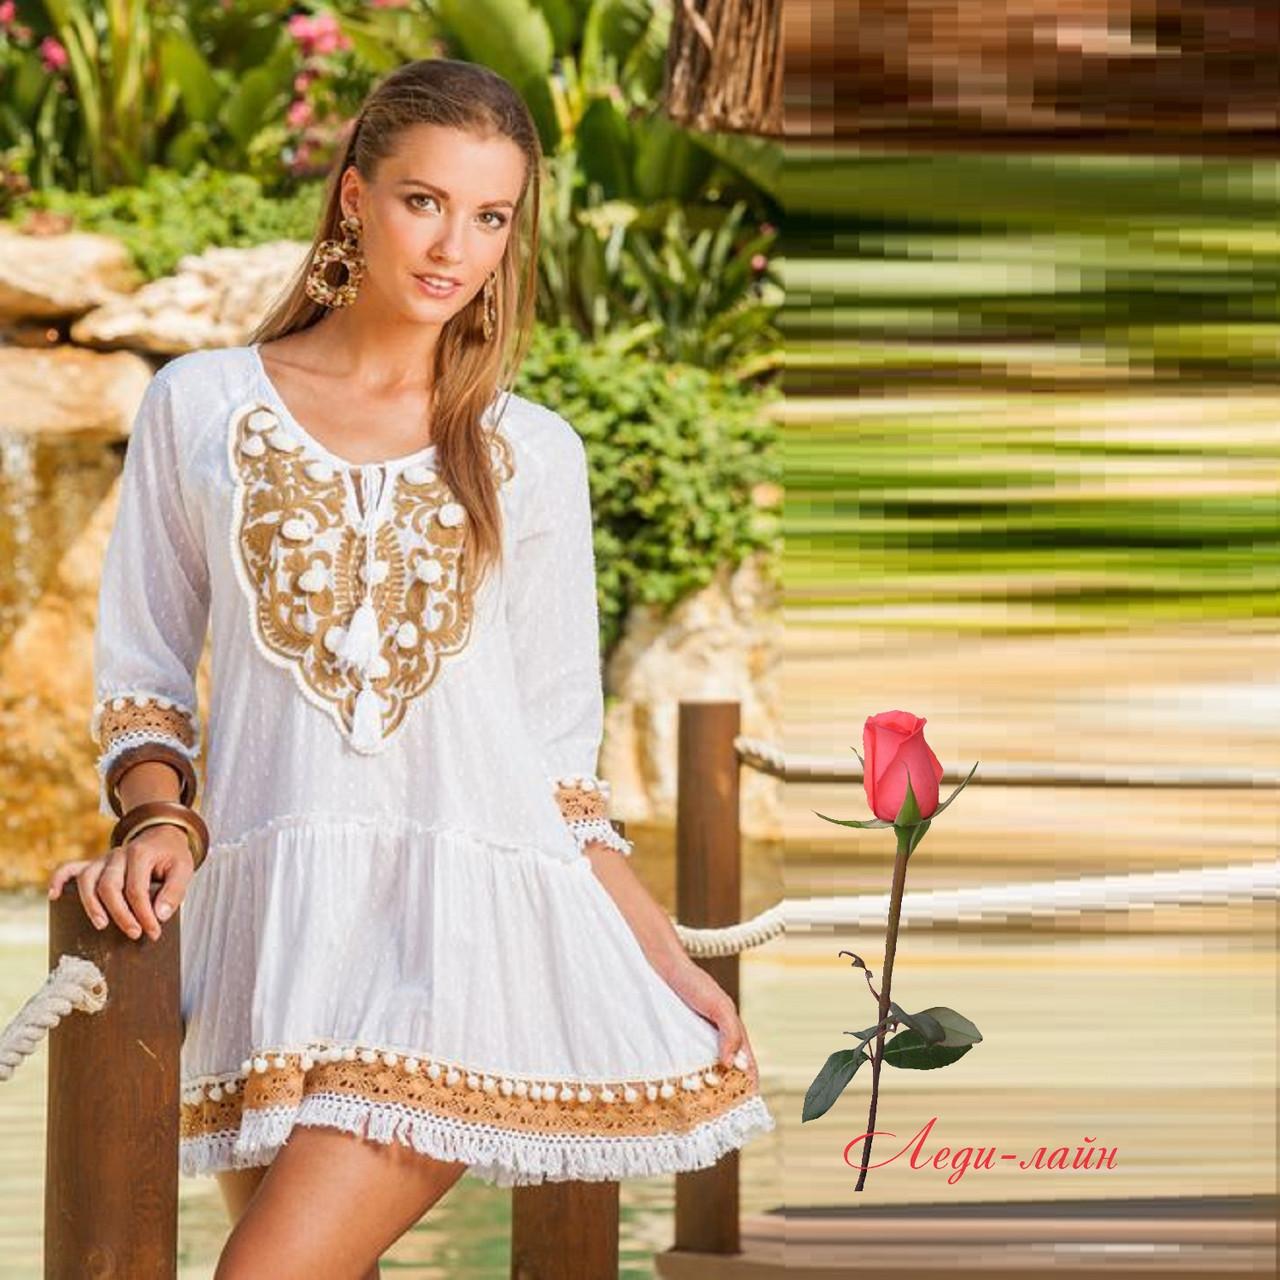 4092ad064e1 Хлопковая белая туника с вышивкой LO 1373  продажа